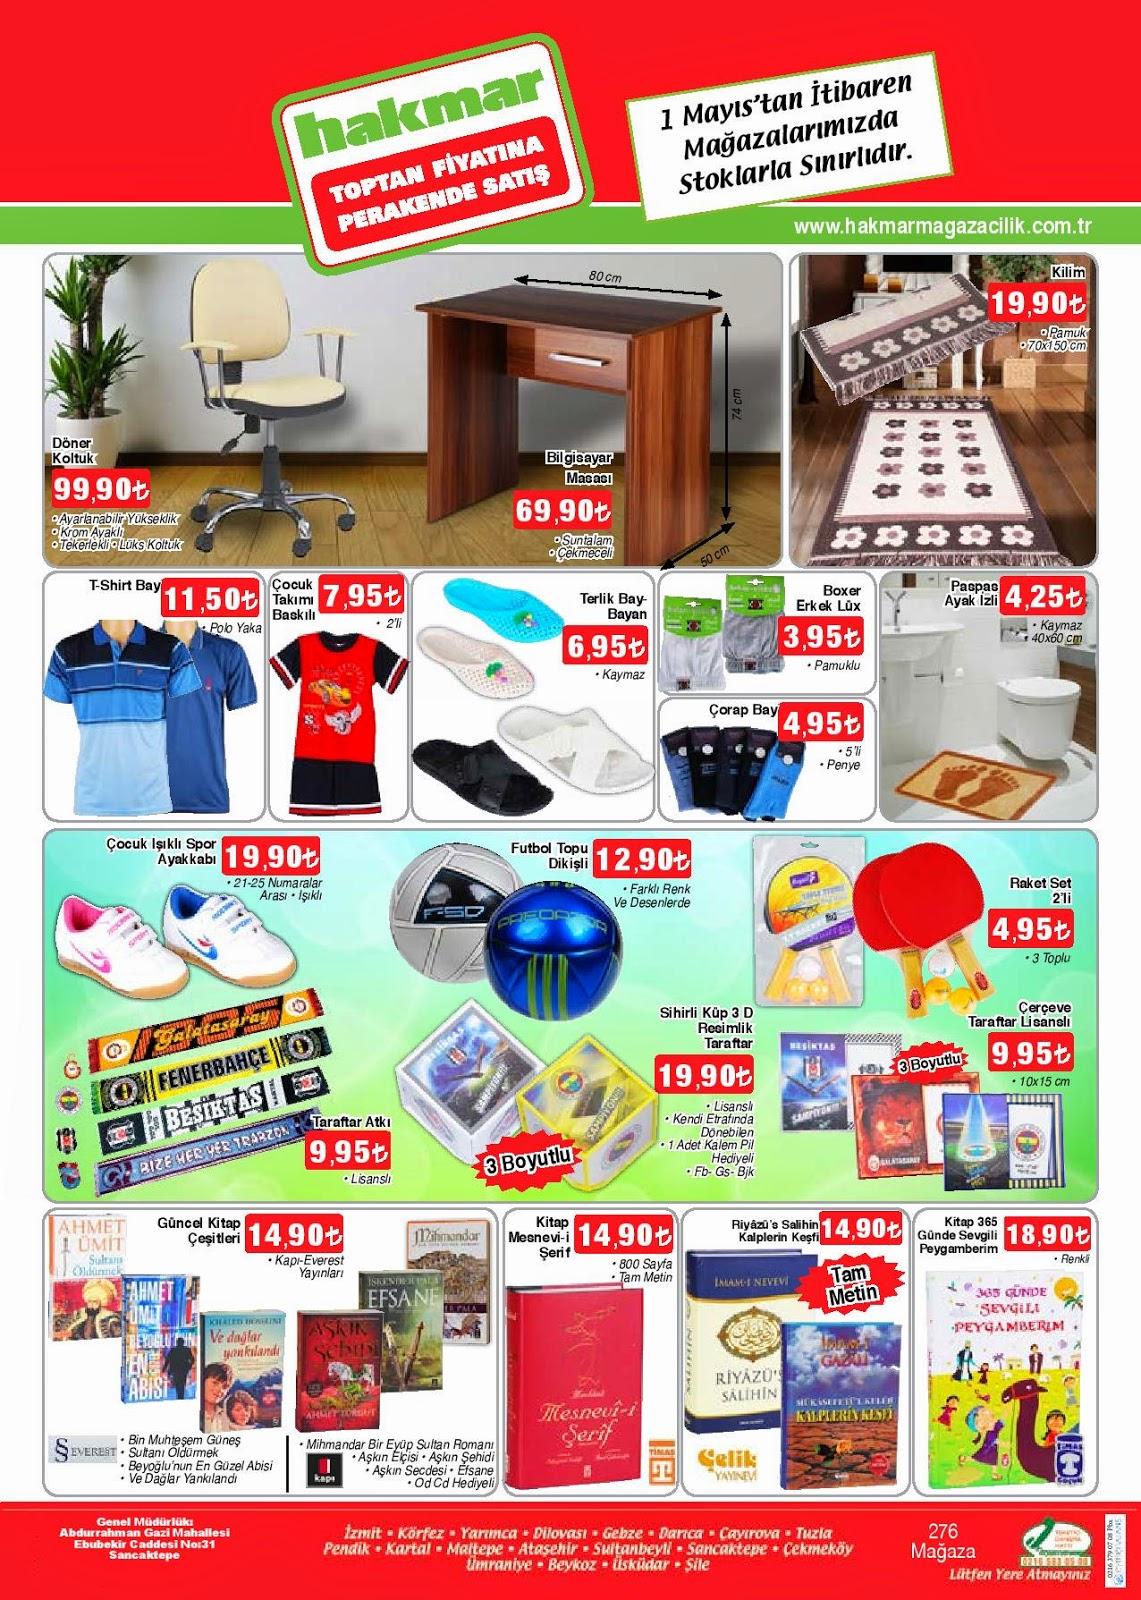 Hakmar 1 Mayıs 2014 tarihlerindeki Güncel Broşür,İndirim Katalog 1Mayıs.2014 tarihinden itibaren mağazalarımızda stoklarla sınırlıdır.